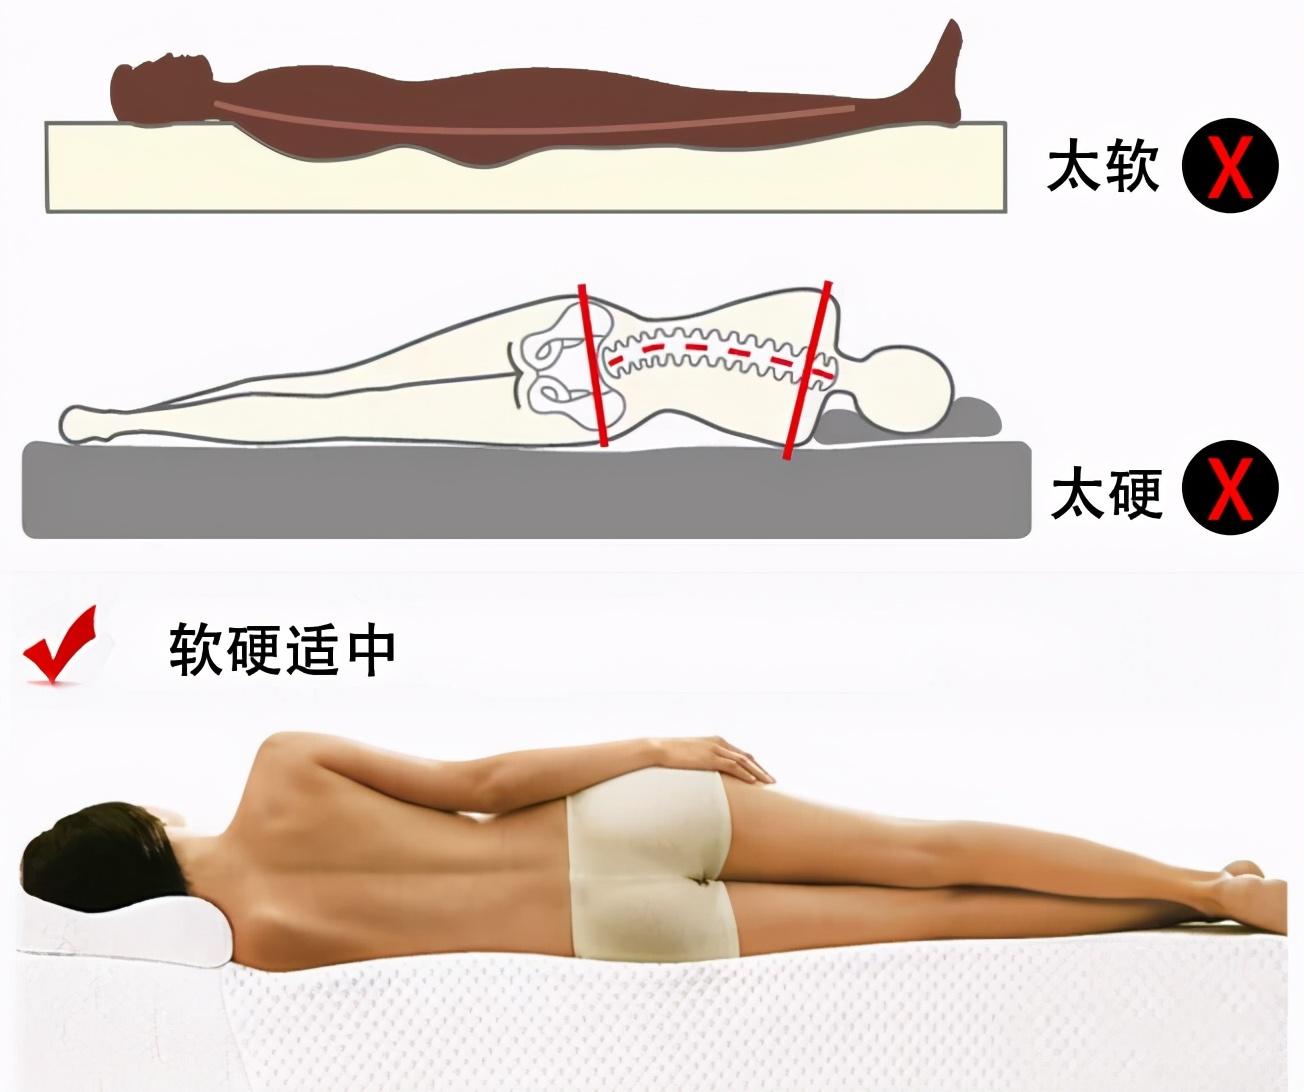 颈椎难受 该换一张苏老伯精细黄麻床垫